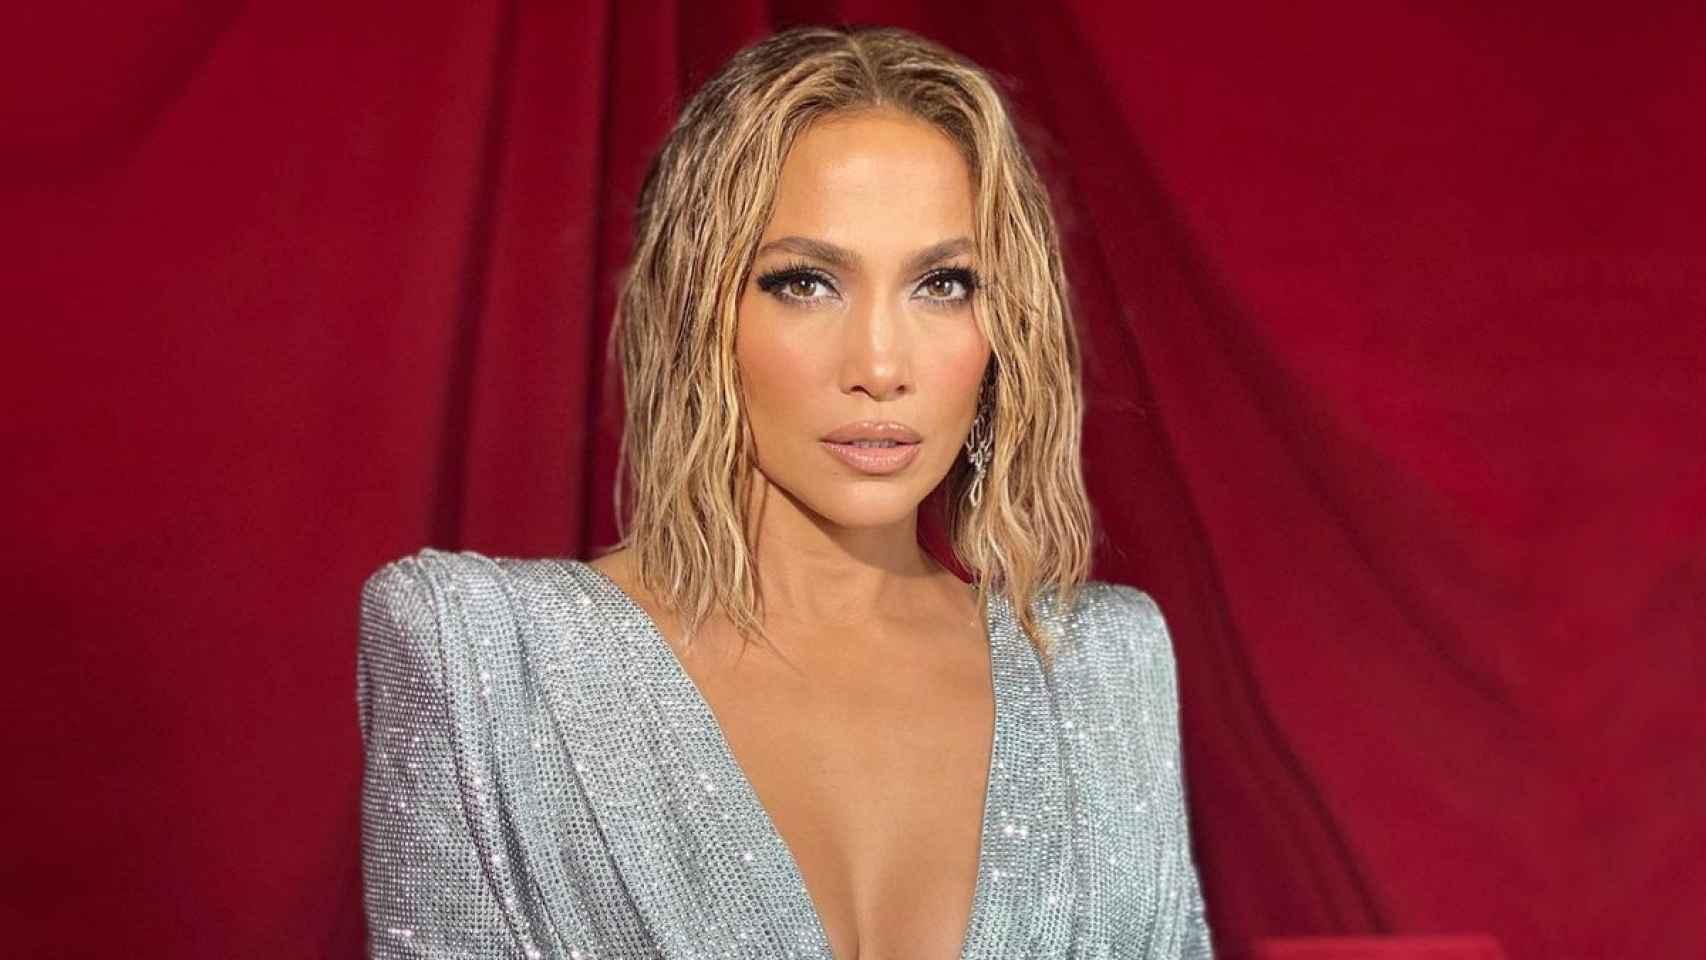 Jennifer Lopez ha sorprendido a todos mostrando su cuerpo completamente desnudo en su última publicación.